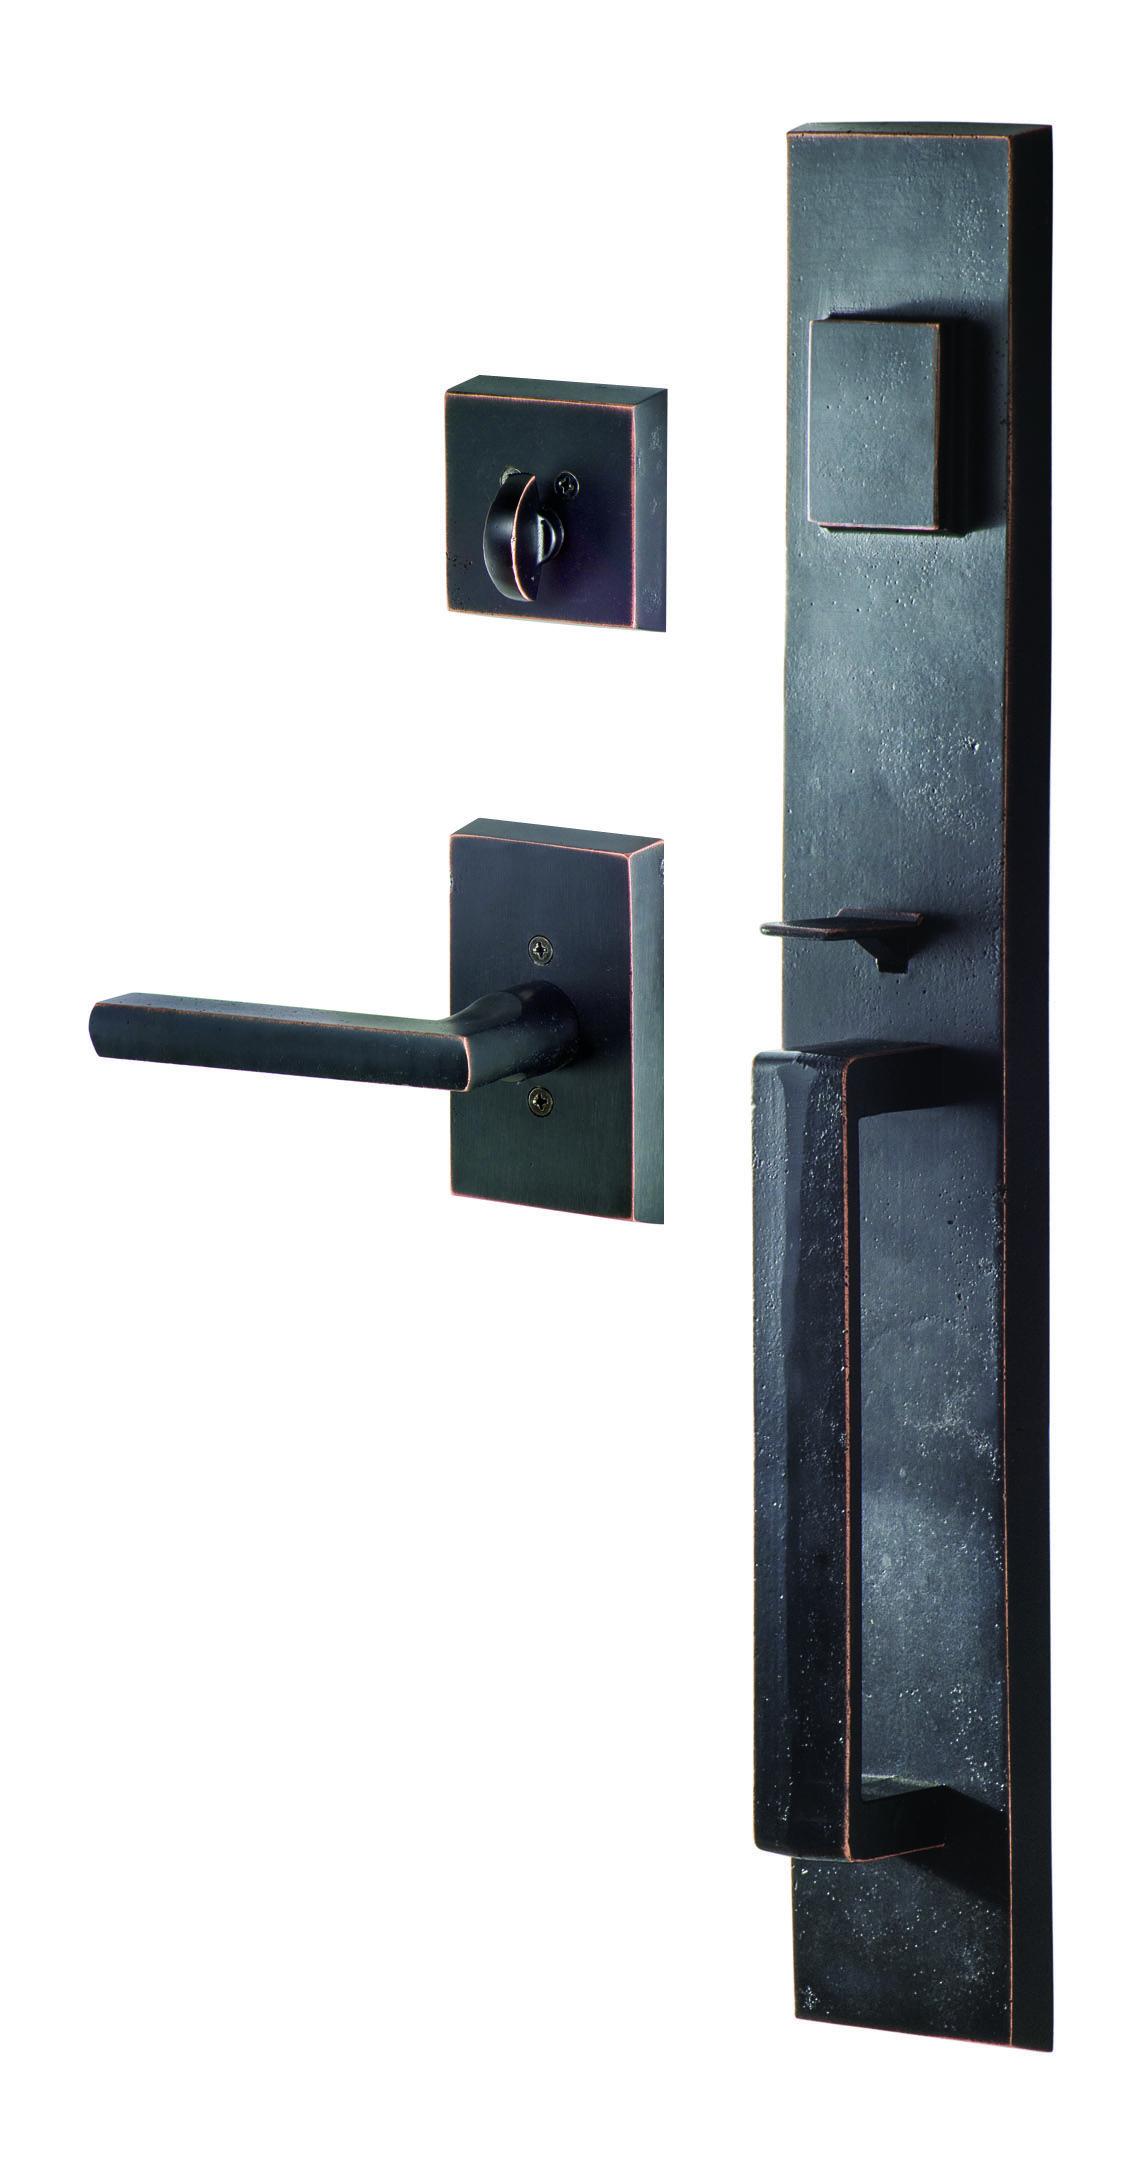 SureLoc Vail Rustic Series Entry Handleset Rustic doors